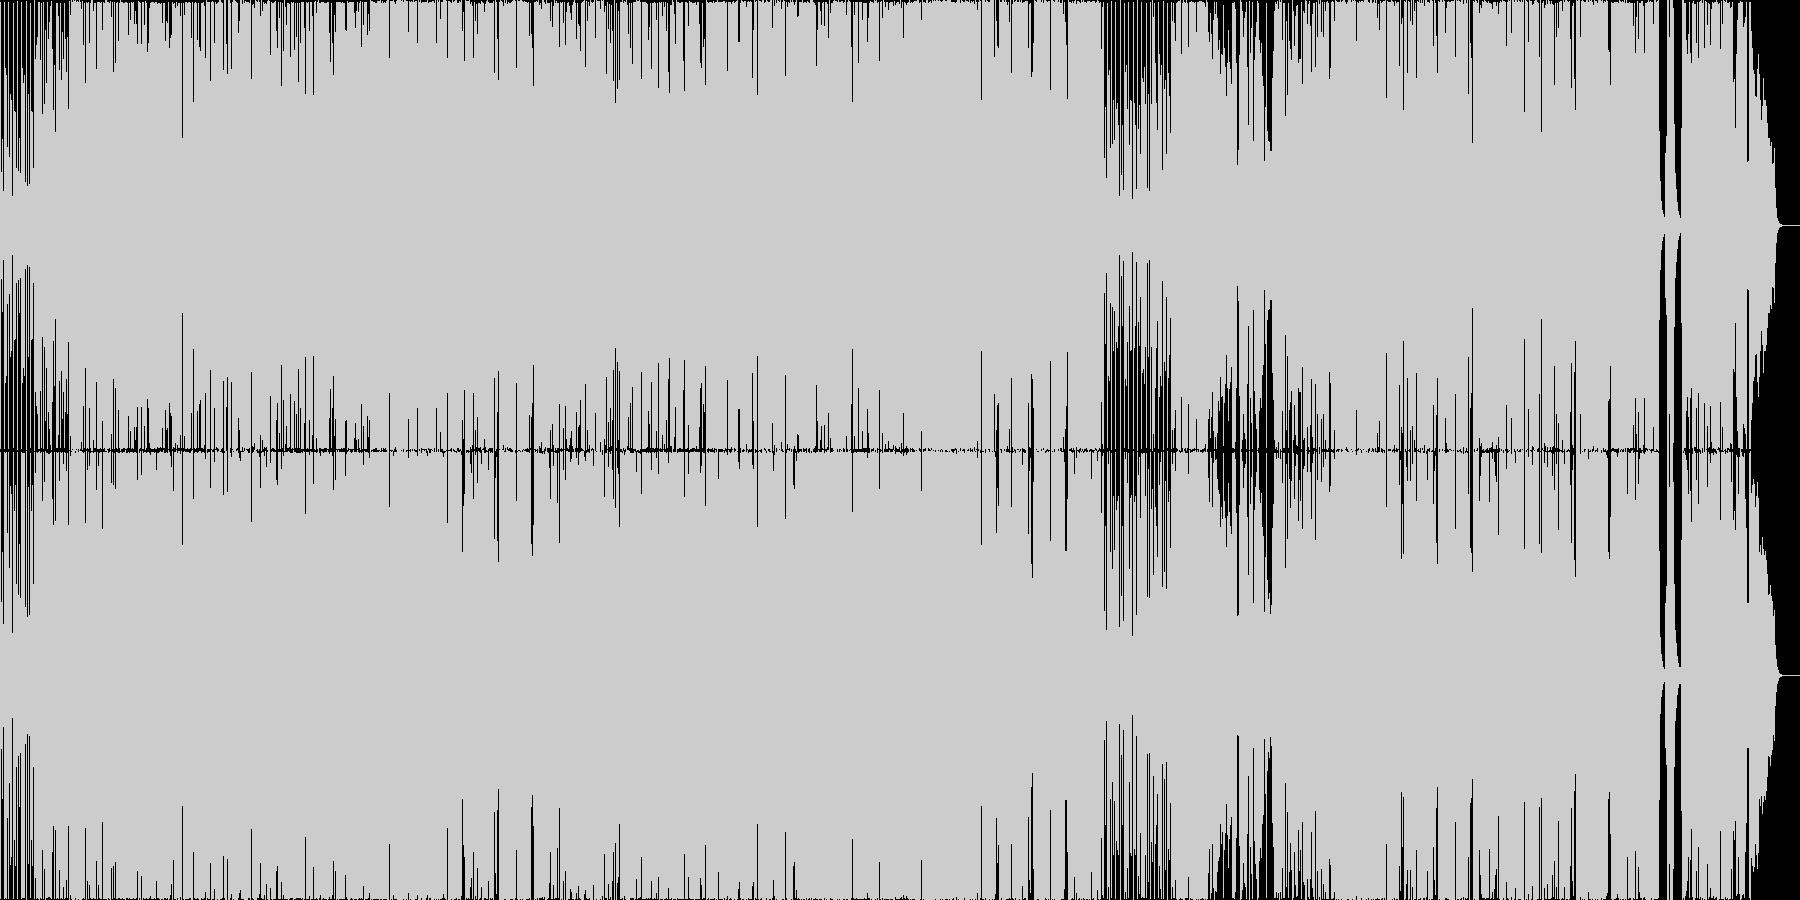 ブラスセクションのあるオールドロックの未再生の波形